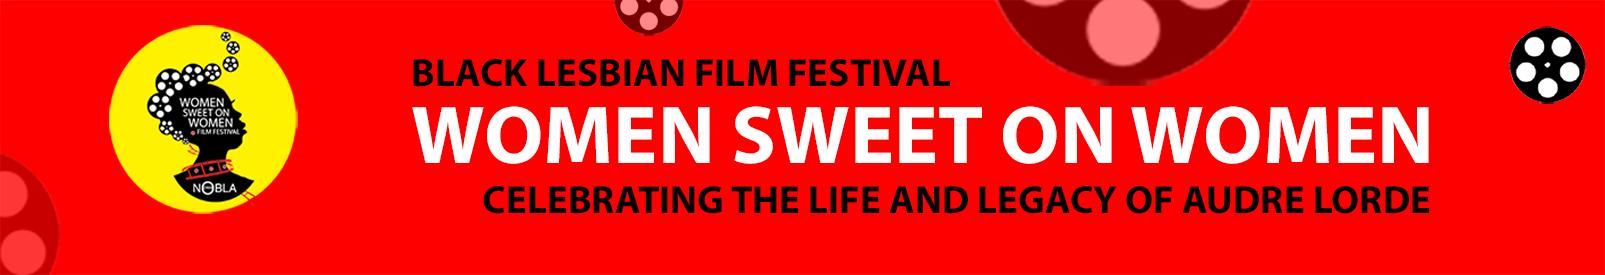 Women Sweet on Women:  Black Lesbian Film Festival